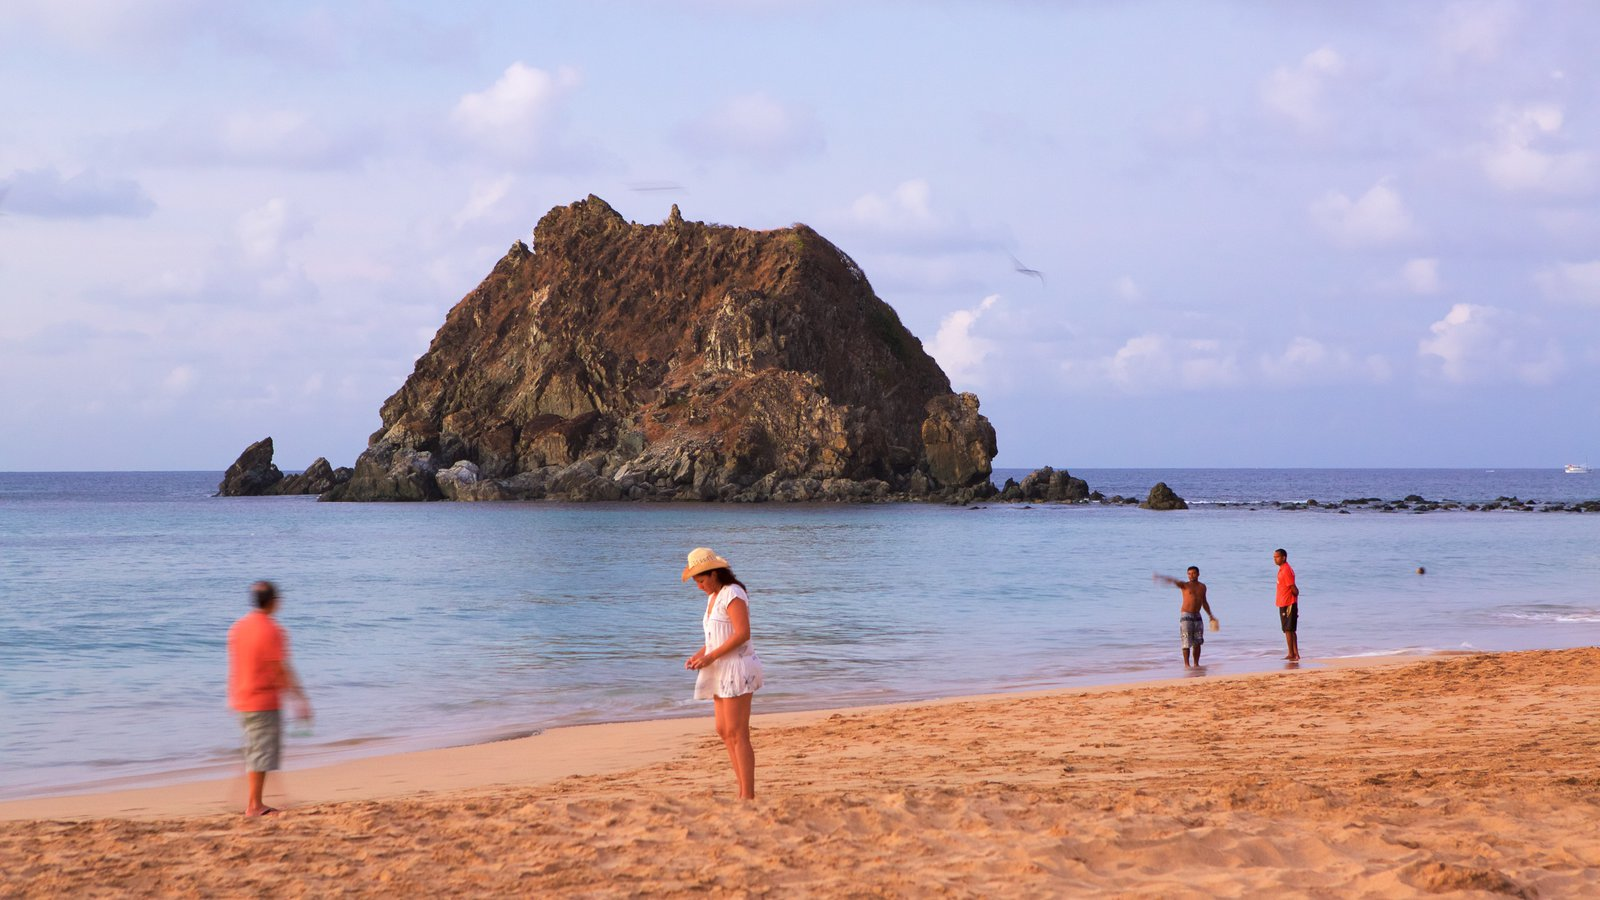 Praia da Conceição que inclui paisagens litorâneas e uma praia de areia assim como um pequeno grupo de pessoas